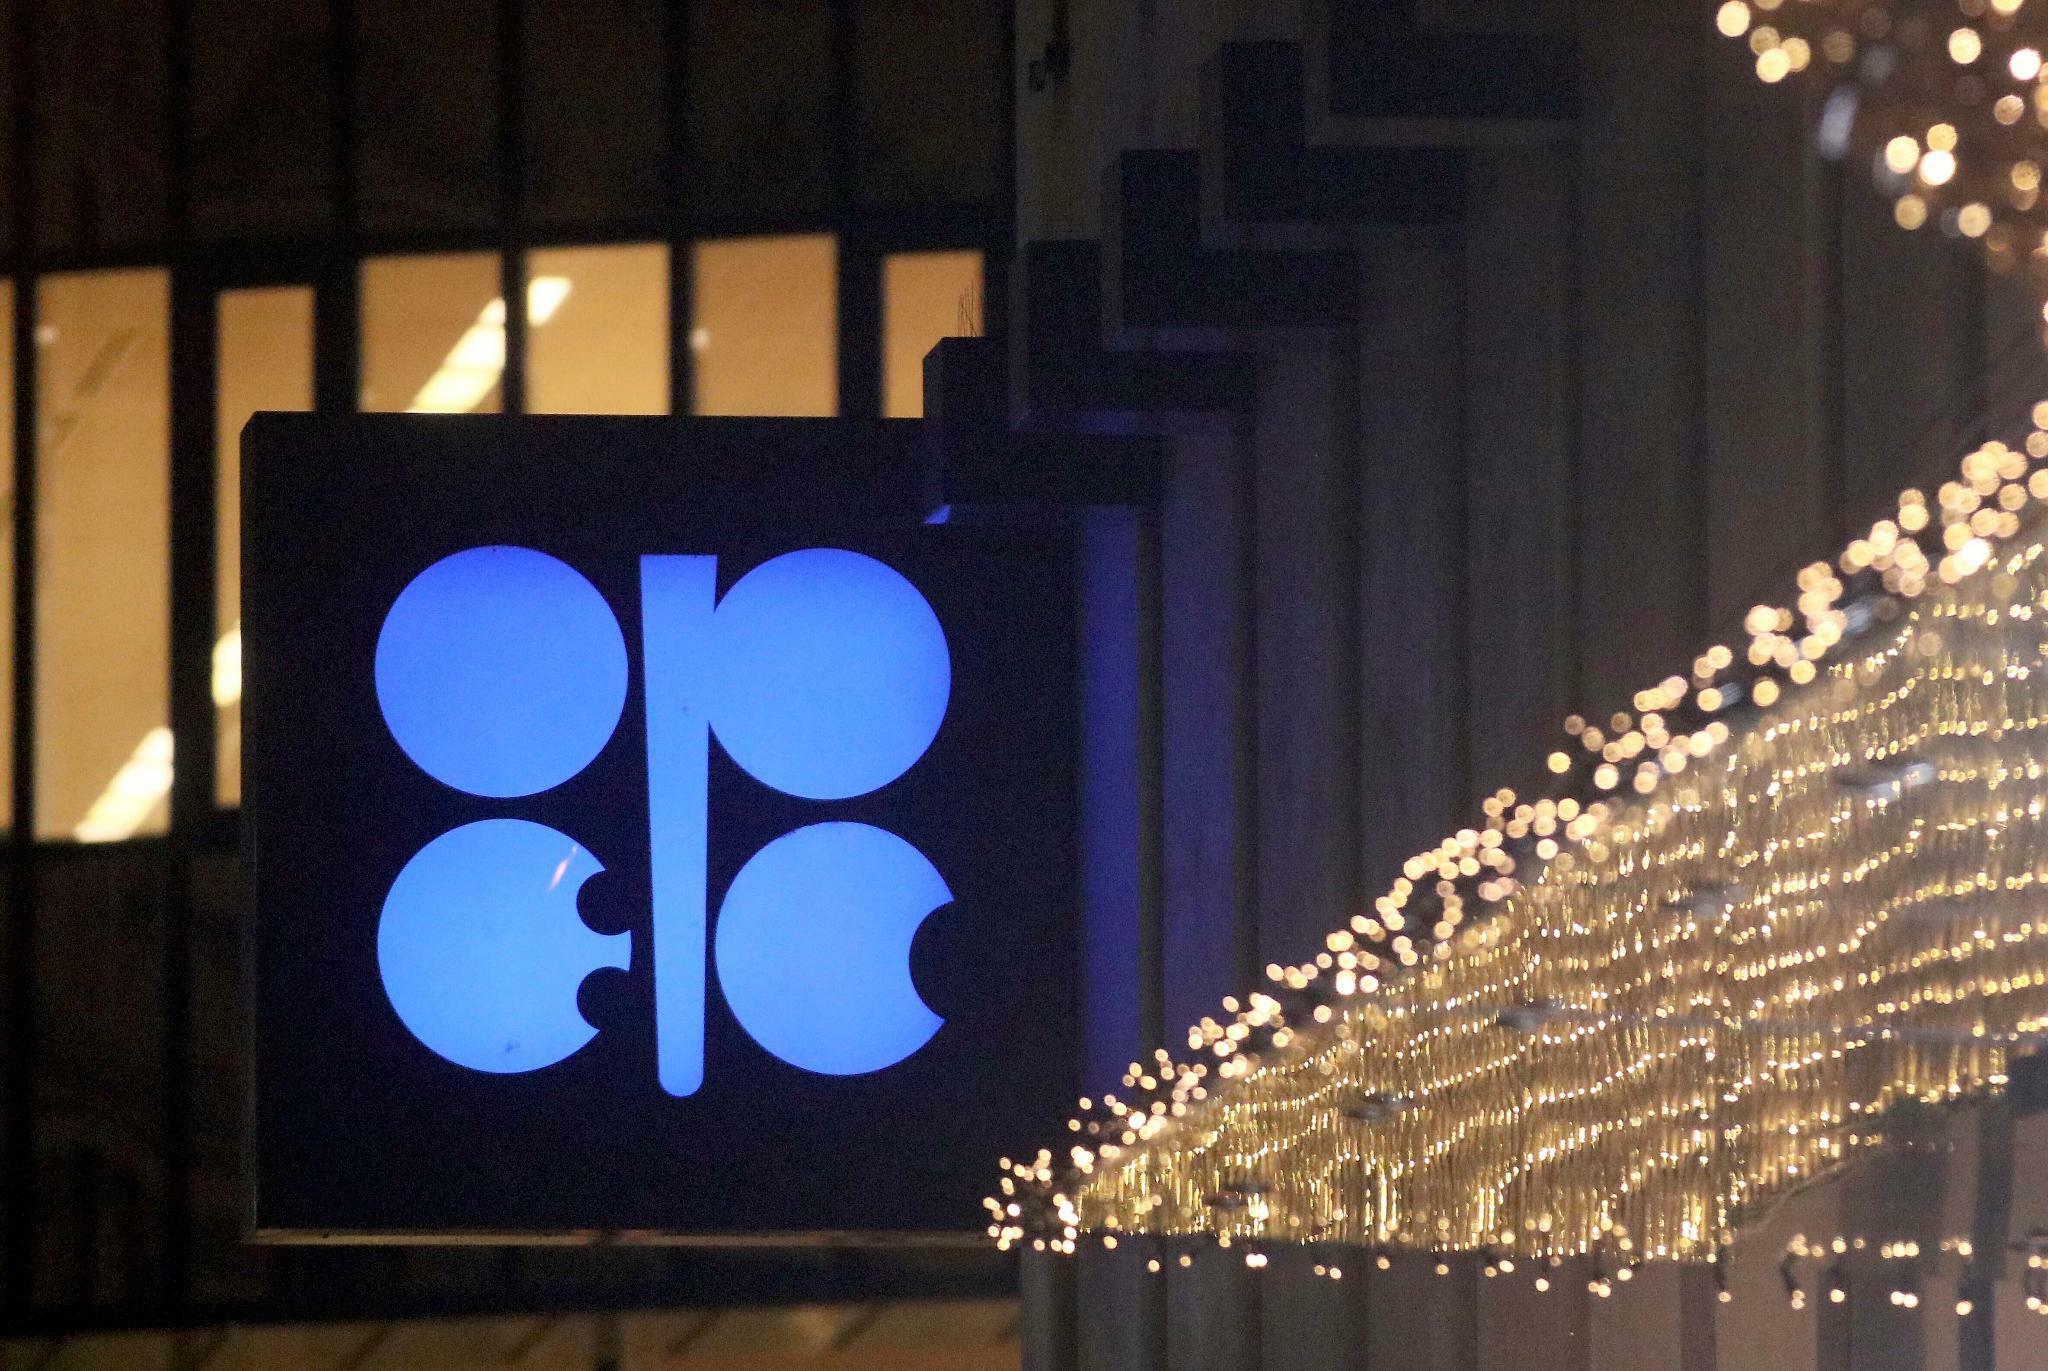 Ölkartell: Opec einigt sich auf künftige Strategie